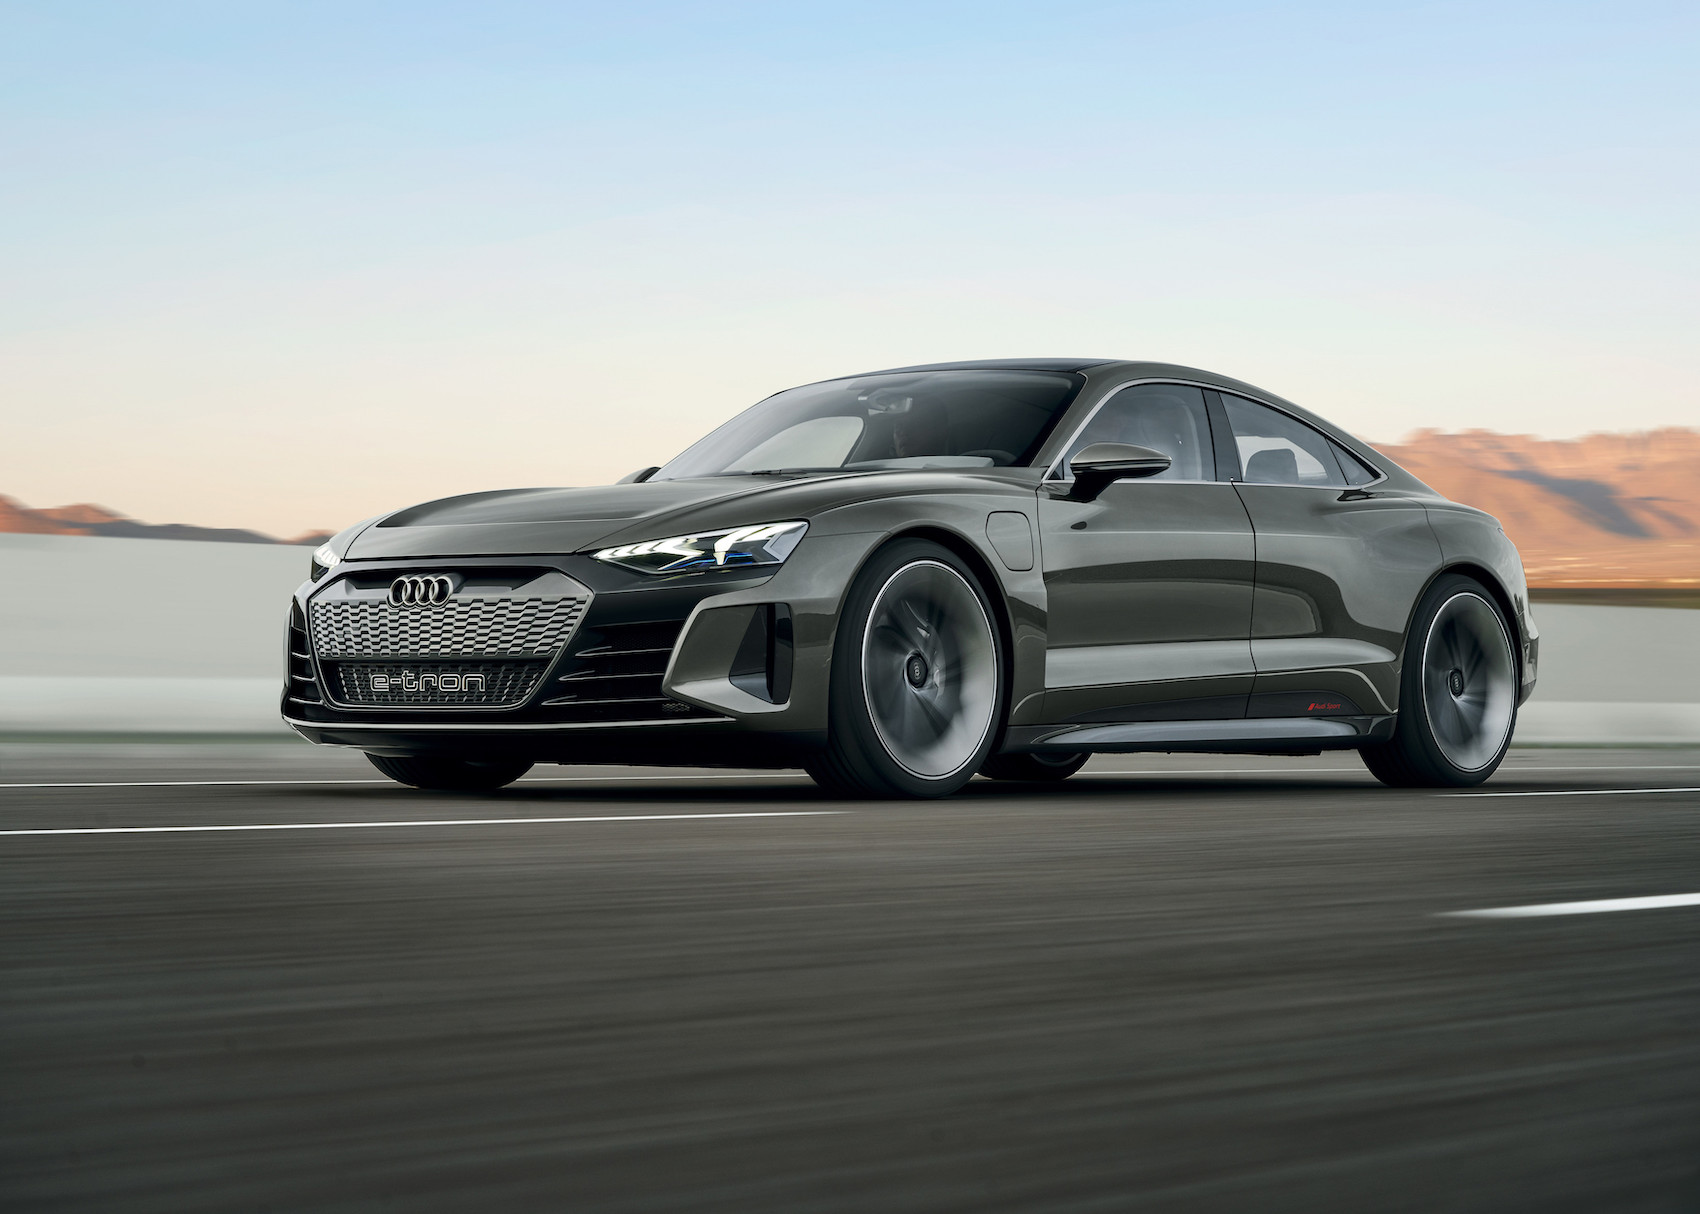 La versione di serie della e-tron GT sarà disponibile a partire dal 2021.